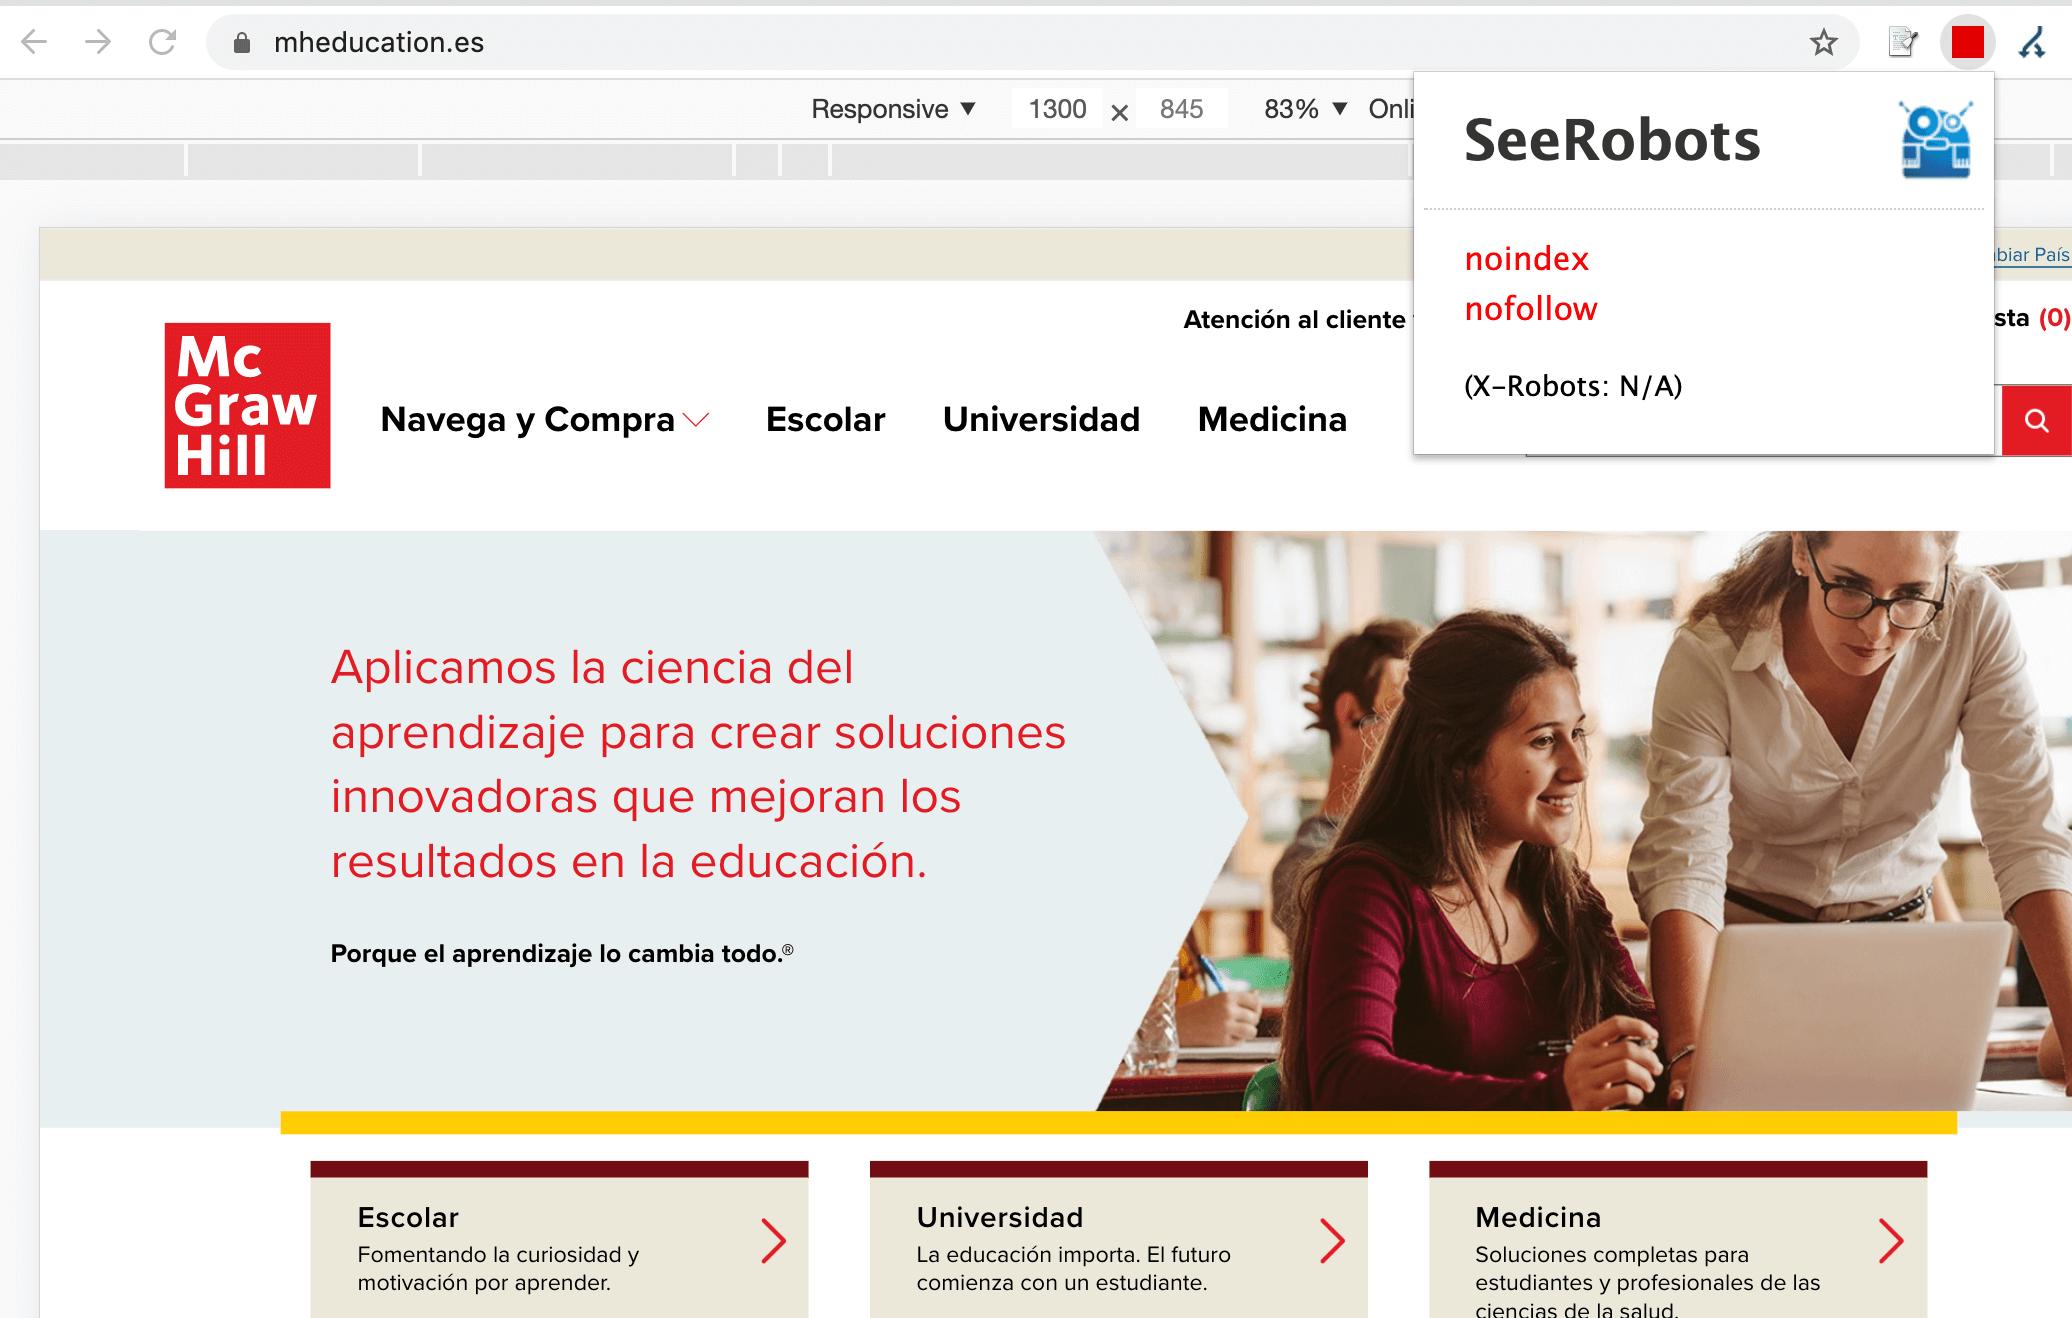 Homepage de mheduation.es y la instrucción noindex